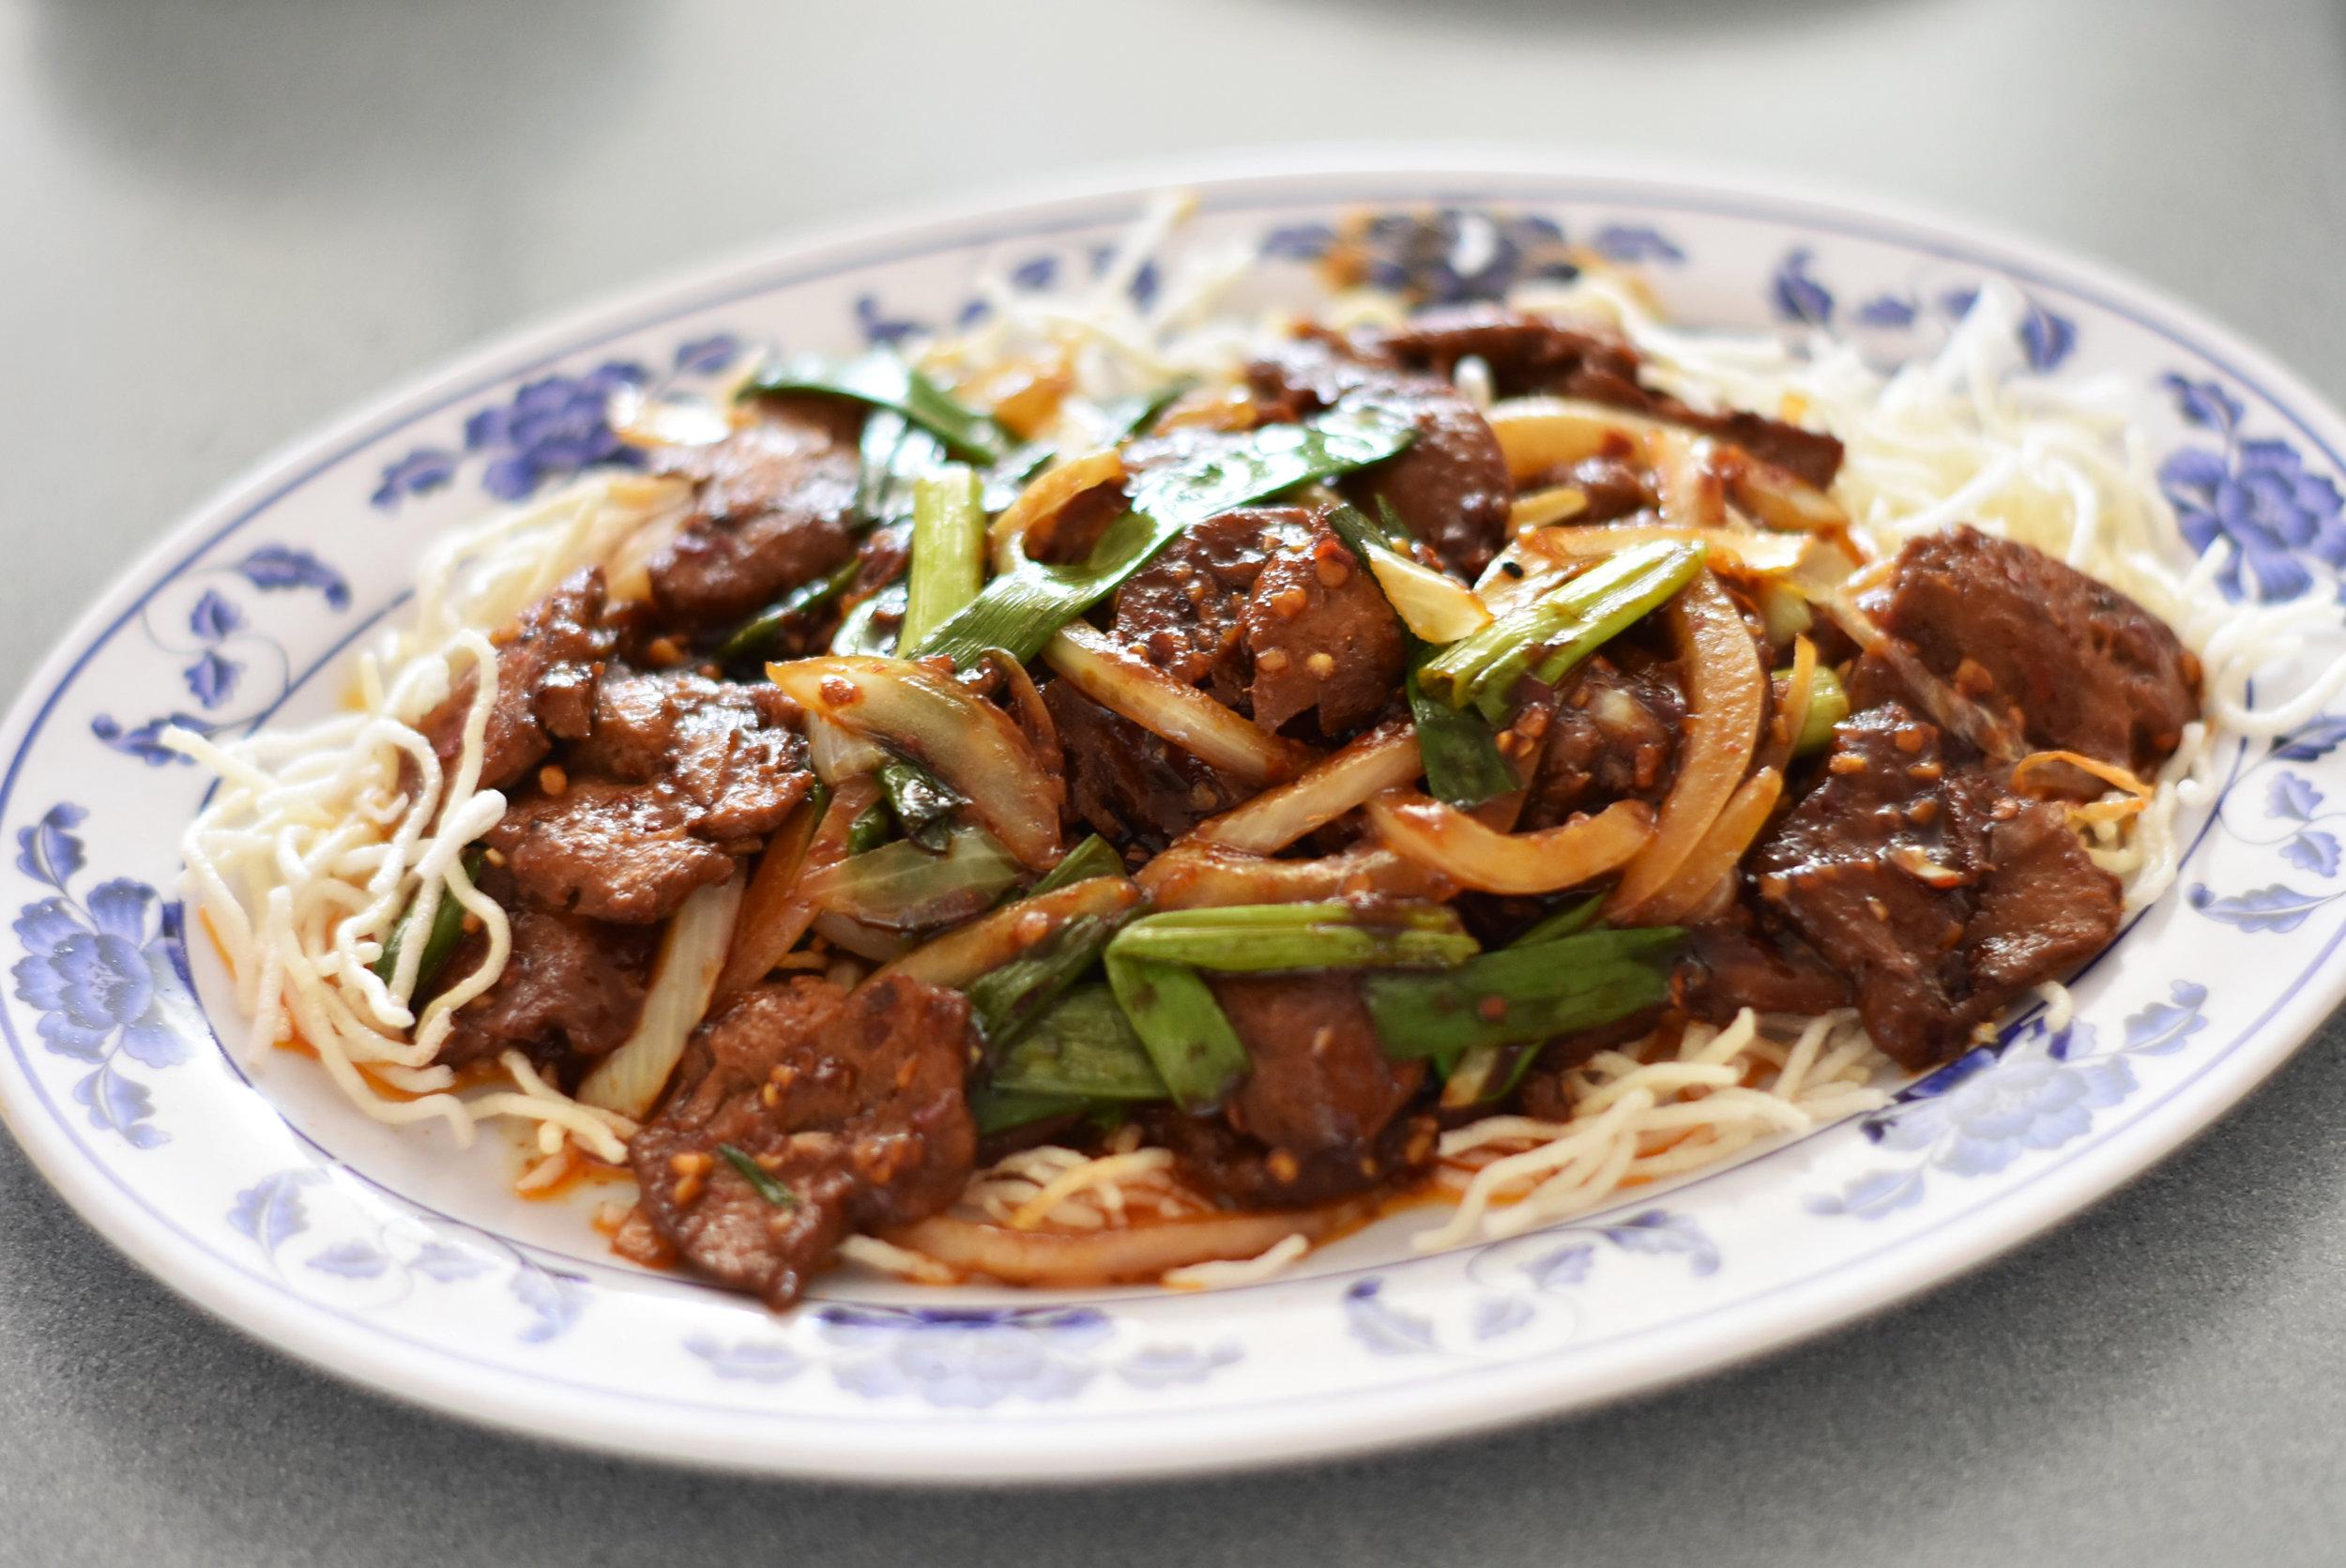 Mongolian Vegi. Beef     11.99